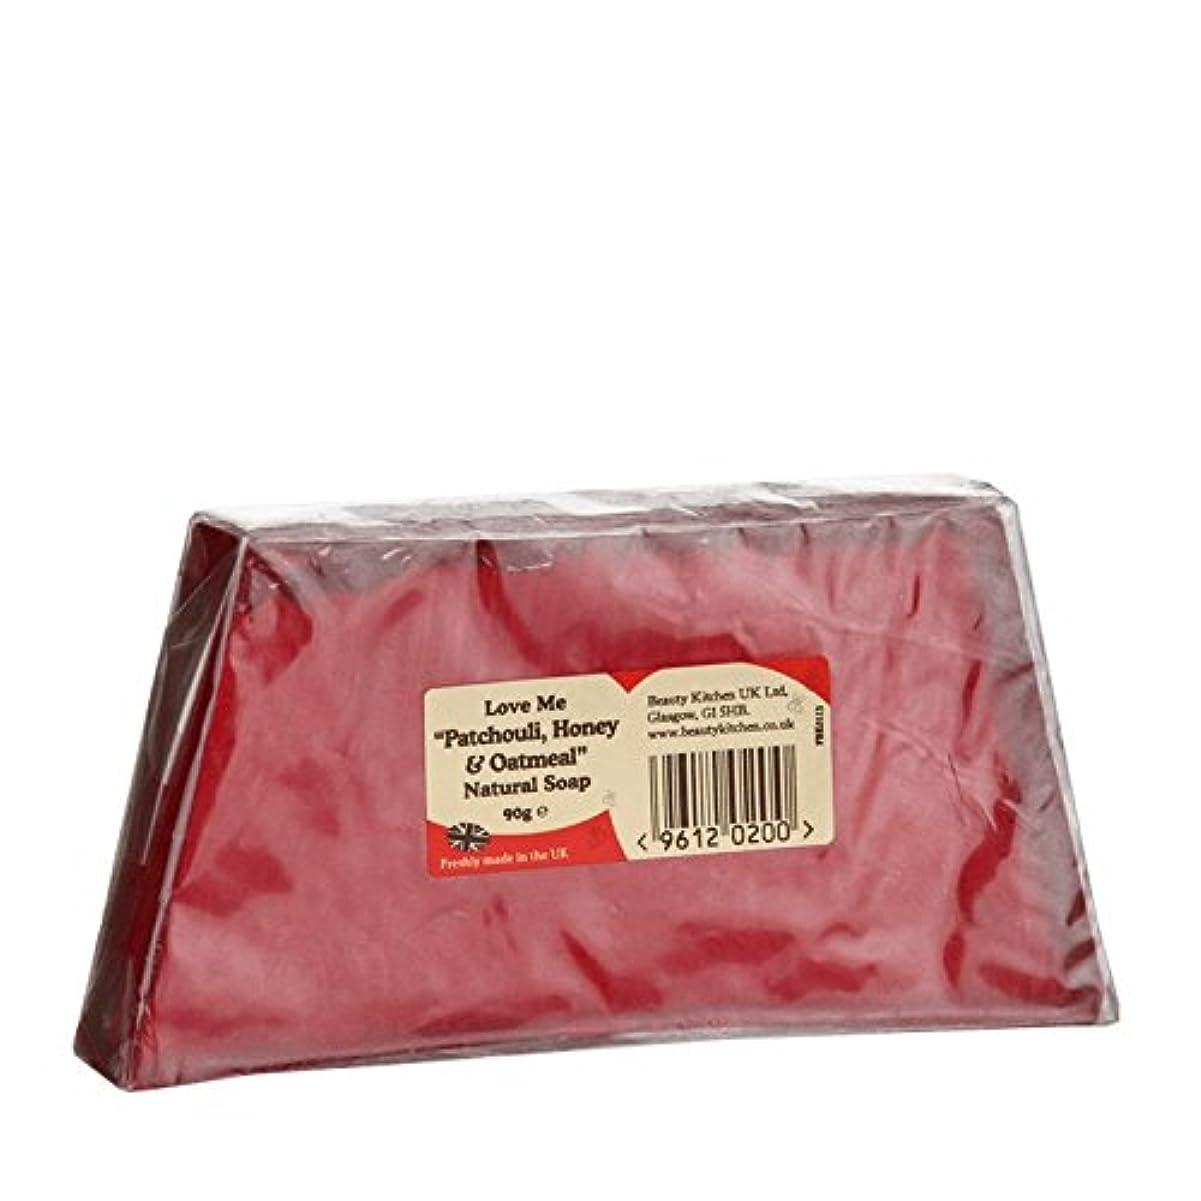 ハードウェアシード奨励しますBeauty Kitchen Love Me Patchouli, Honey & Oatmeal Natural Soap 90g (Pack of 2) - 美しさのキッチンは私にパチョリ、ハニー&オートミール、天然石鹸...